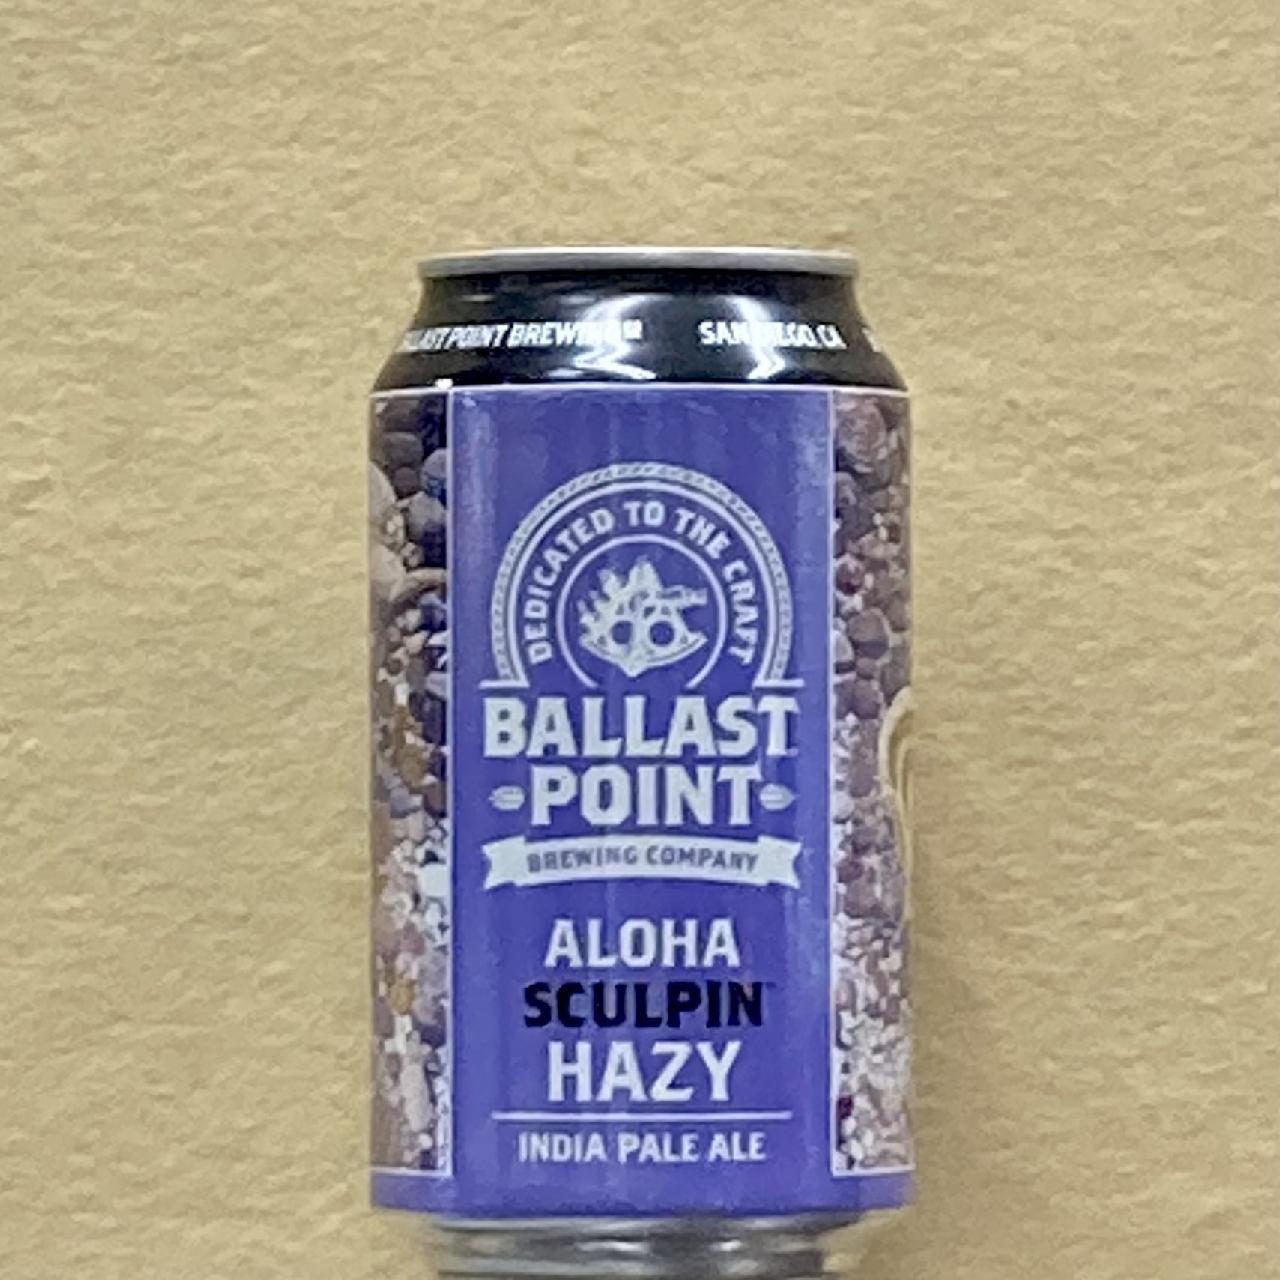 バラストポイント アロハスカルピン HAZY IPA 355ml缶